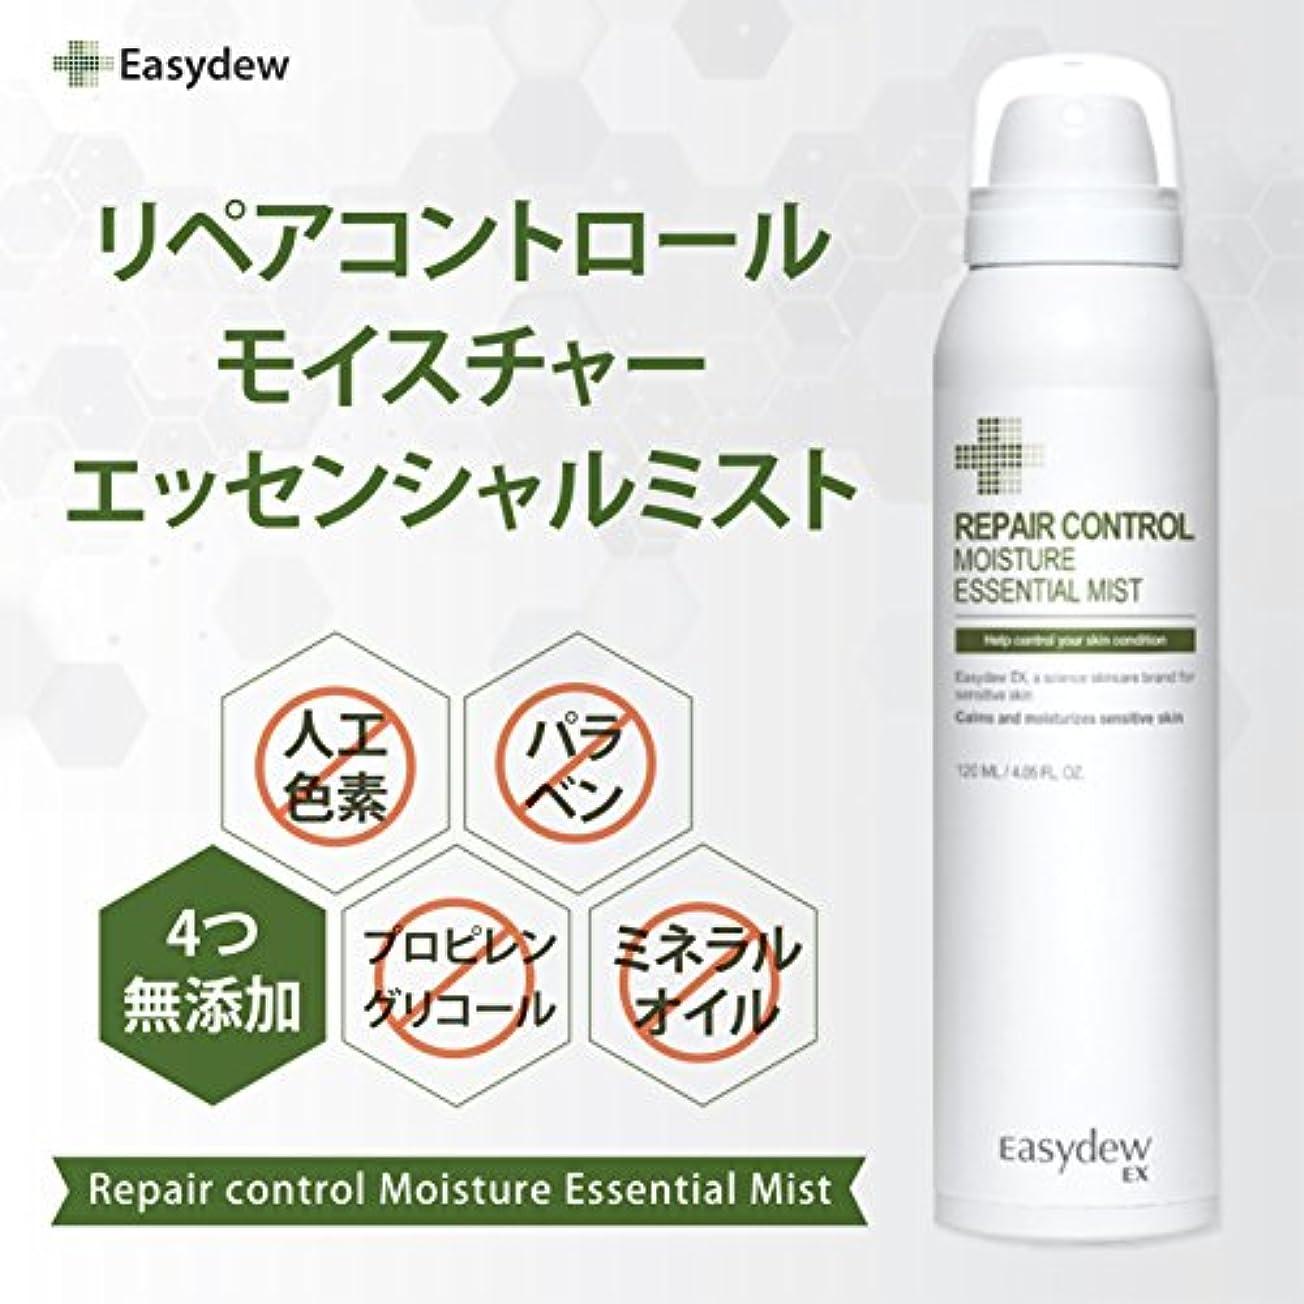 いちゃつくコスト貫入EASYDEW EX リペア コントロール モイスチャー エッセンシャル ミスト Repair Control Moisture Essential Mist 120ml